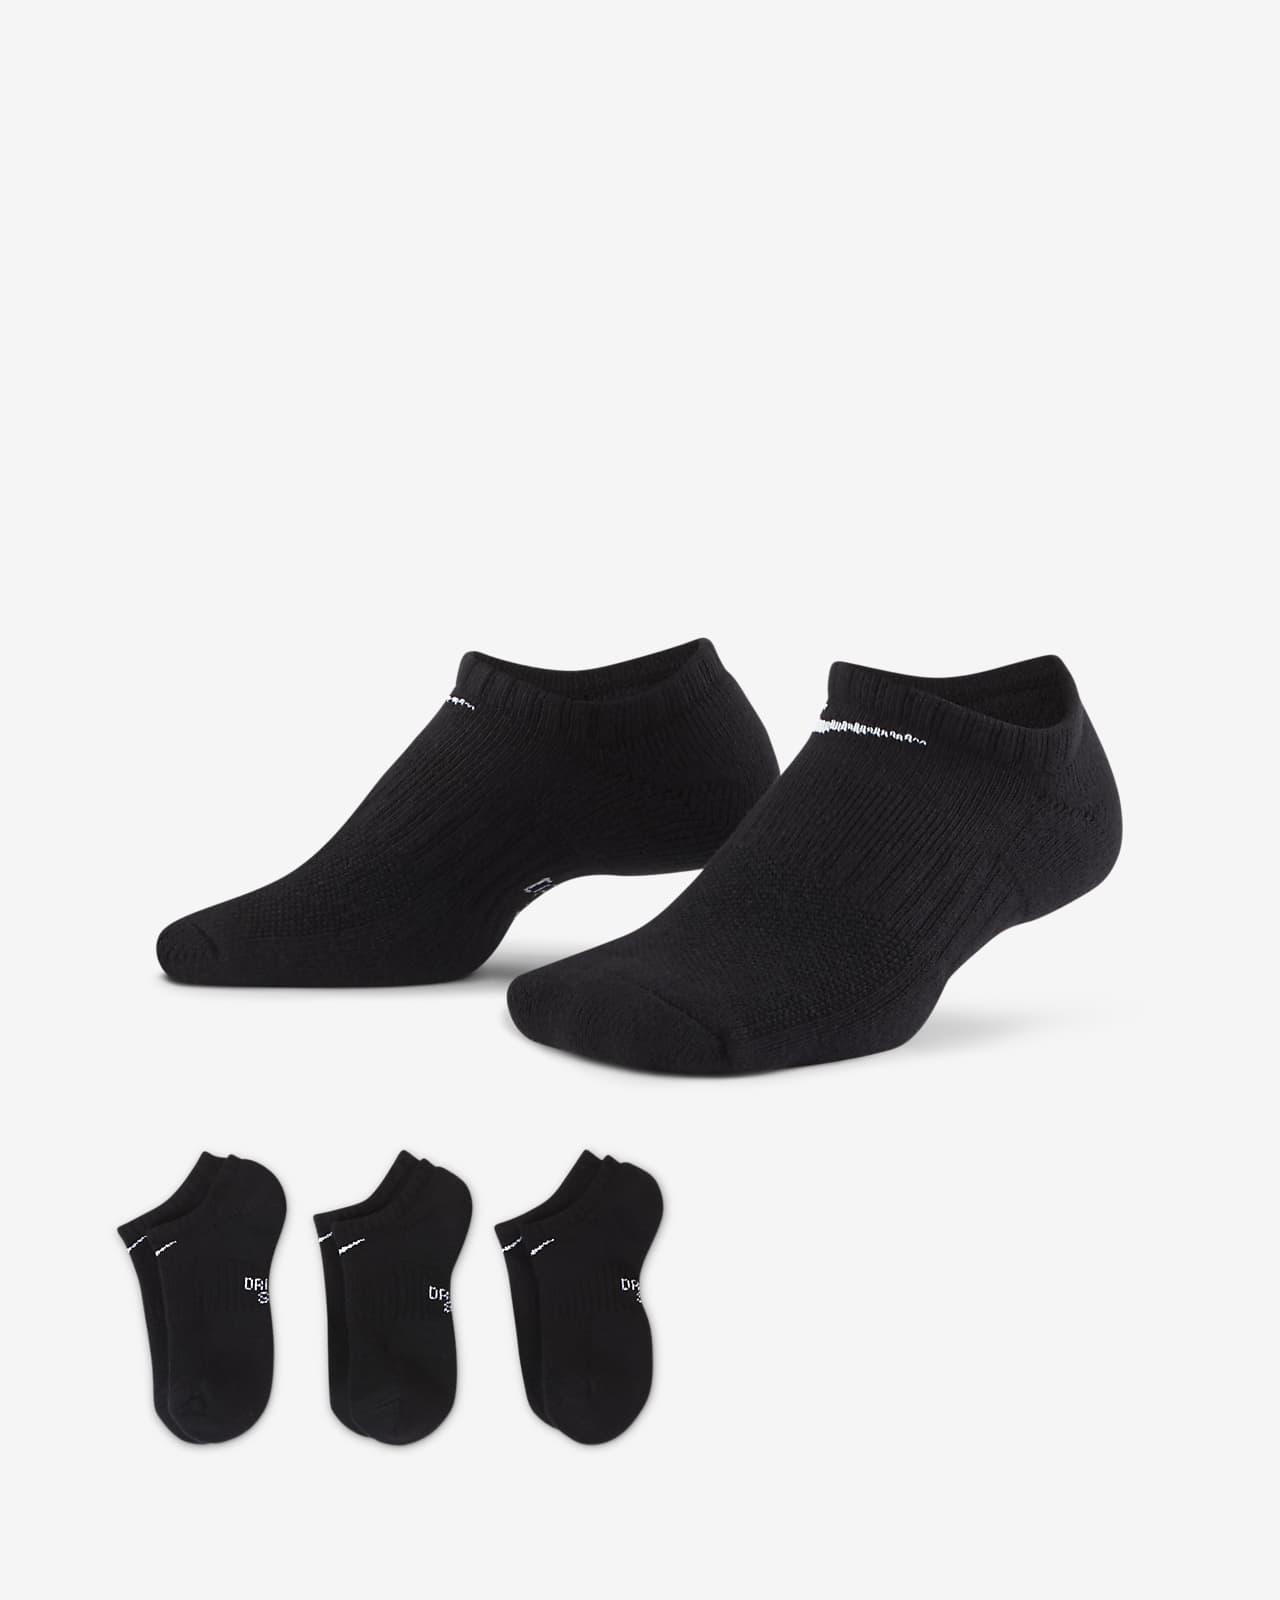 Короткие носки с амортизацией для школьников Nike Everyday (3 пары)